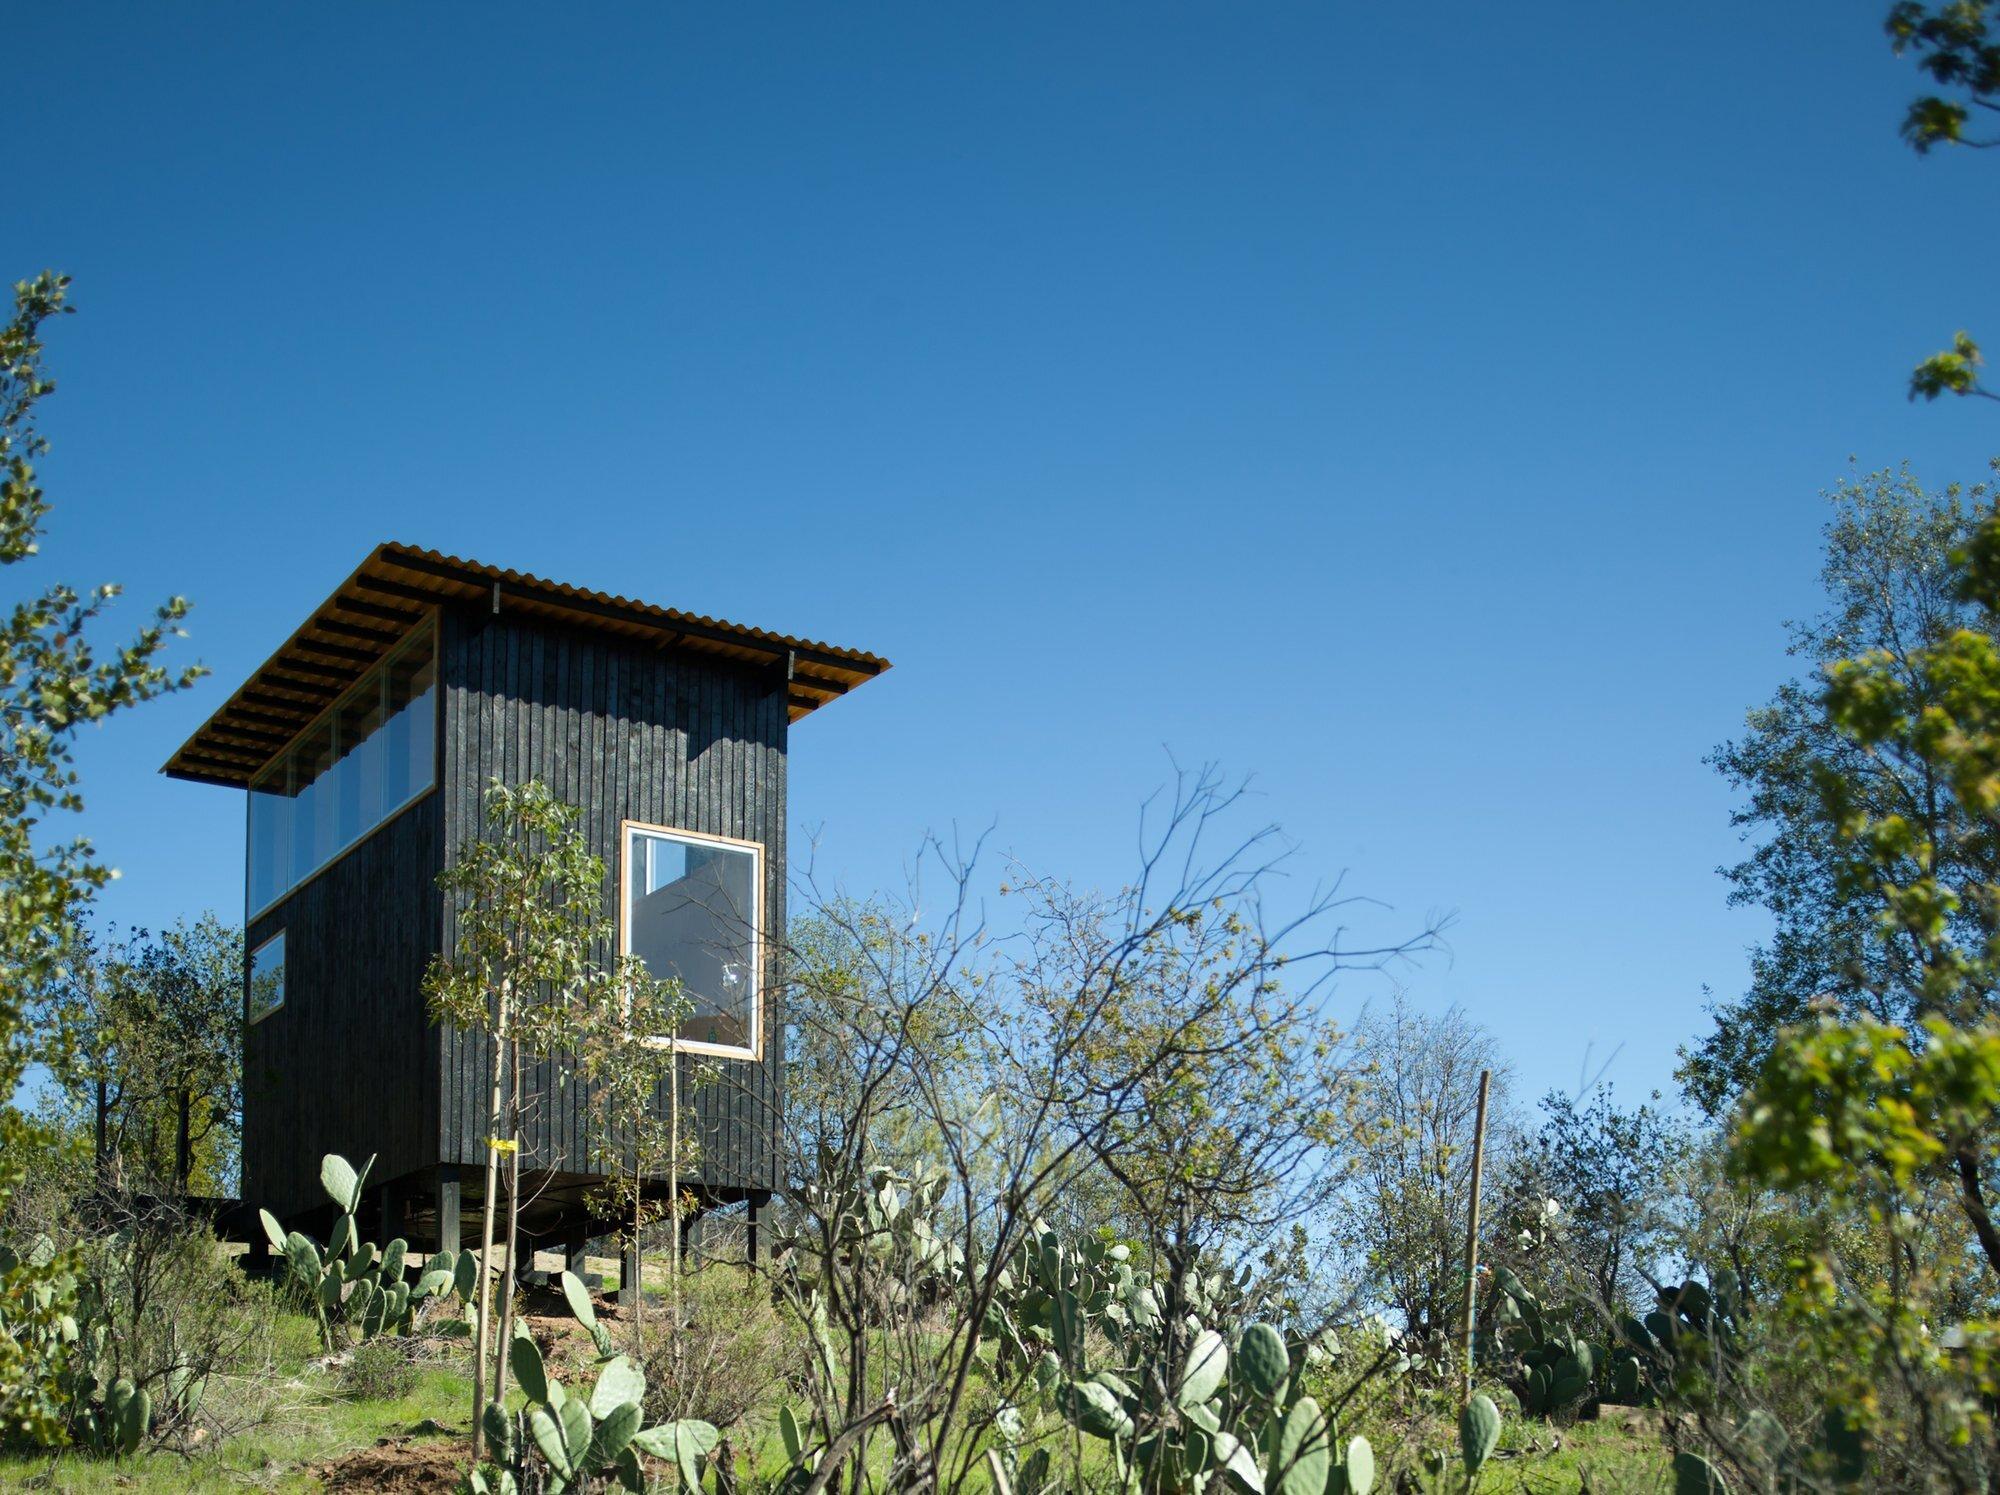 Charred Cabin - Nicolas del Rio - Chile - Exterior - Humble Homes